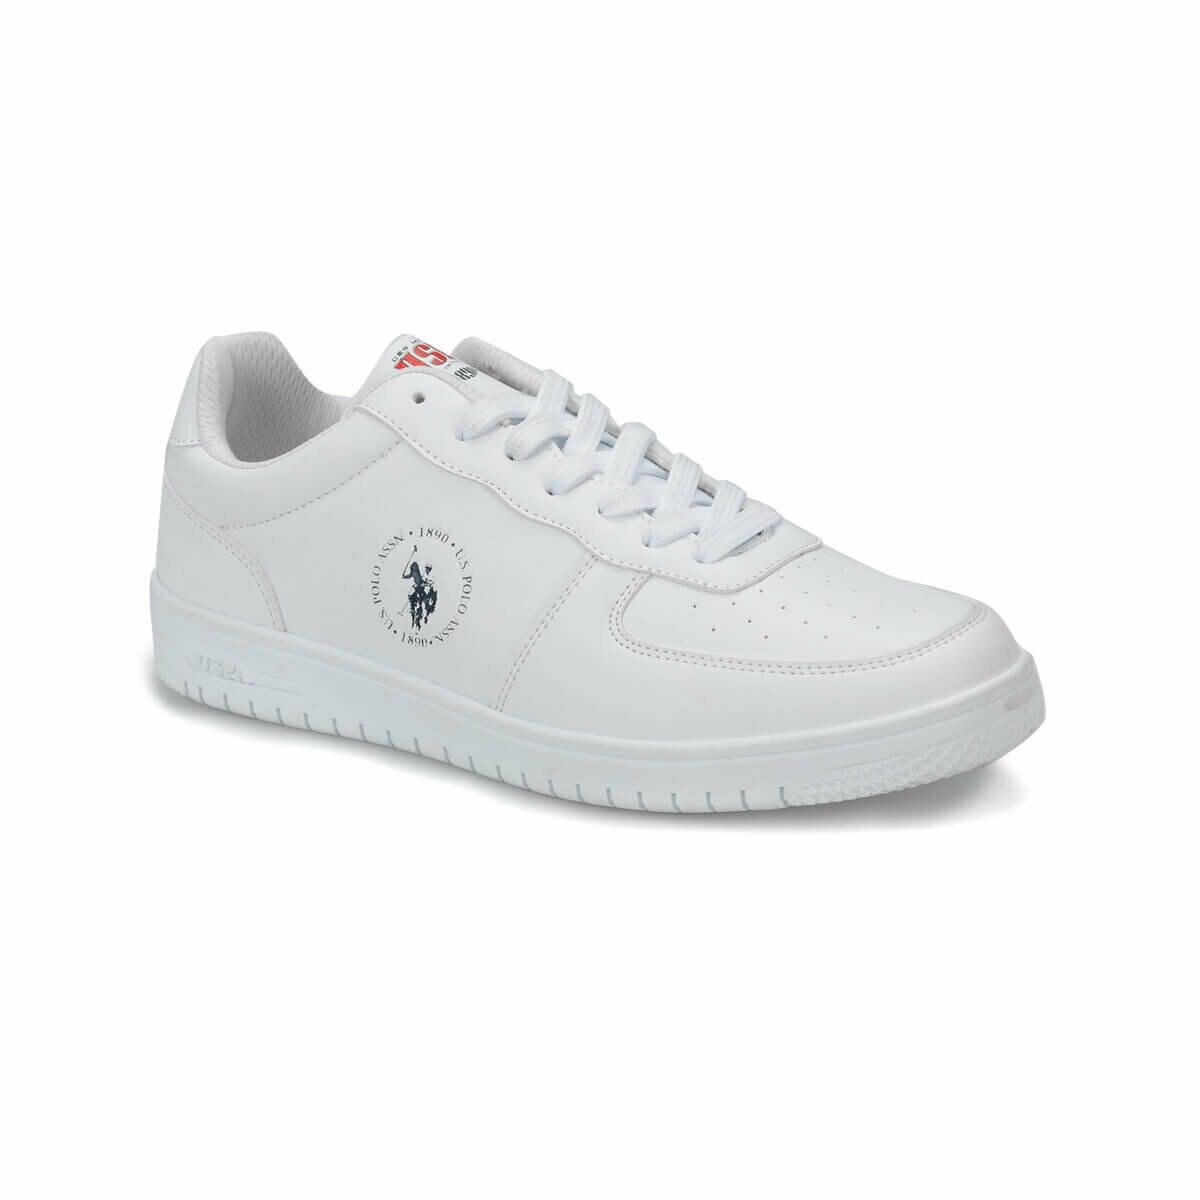 Hot Offer #dd24 FLO DIMLER White Men 'S Sneaker Shoes U.S.